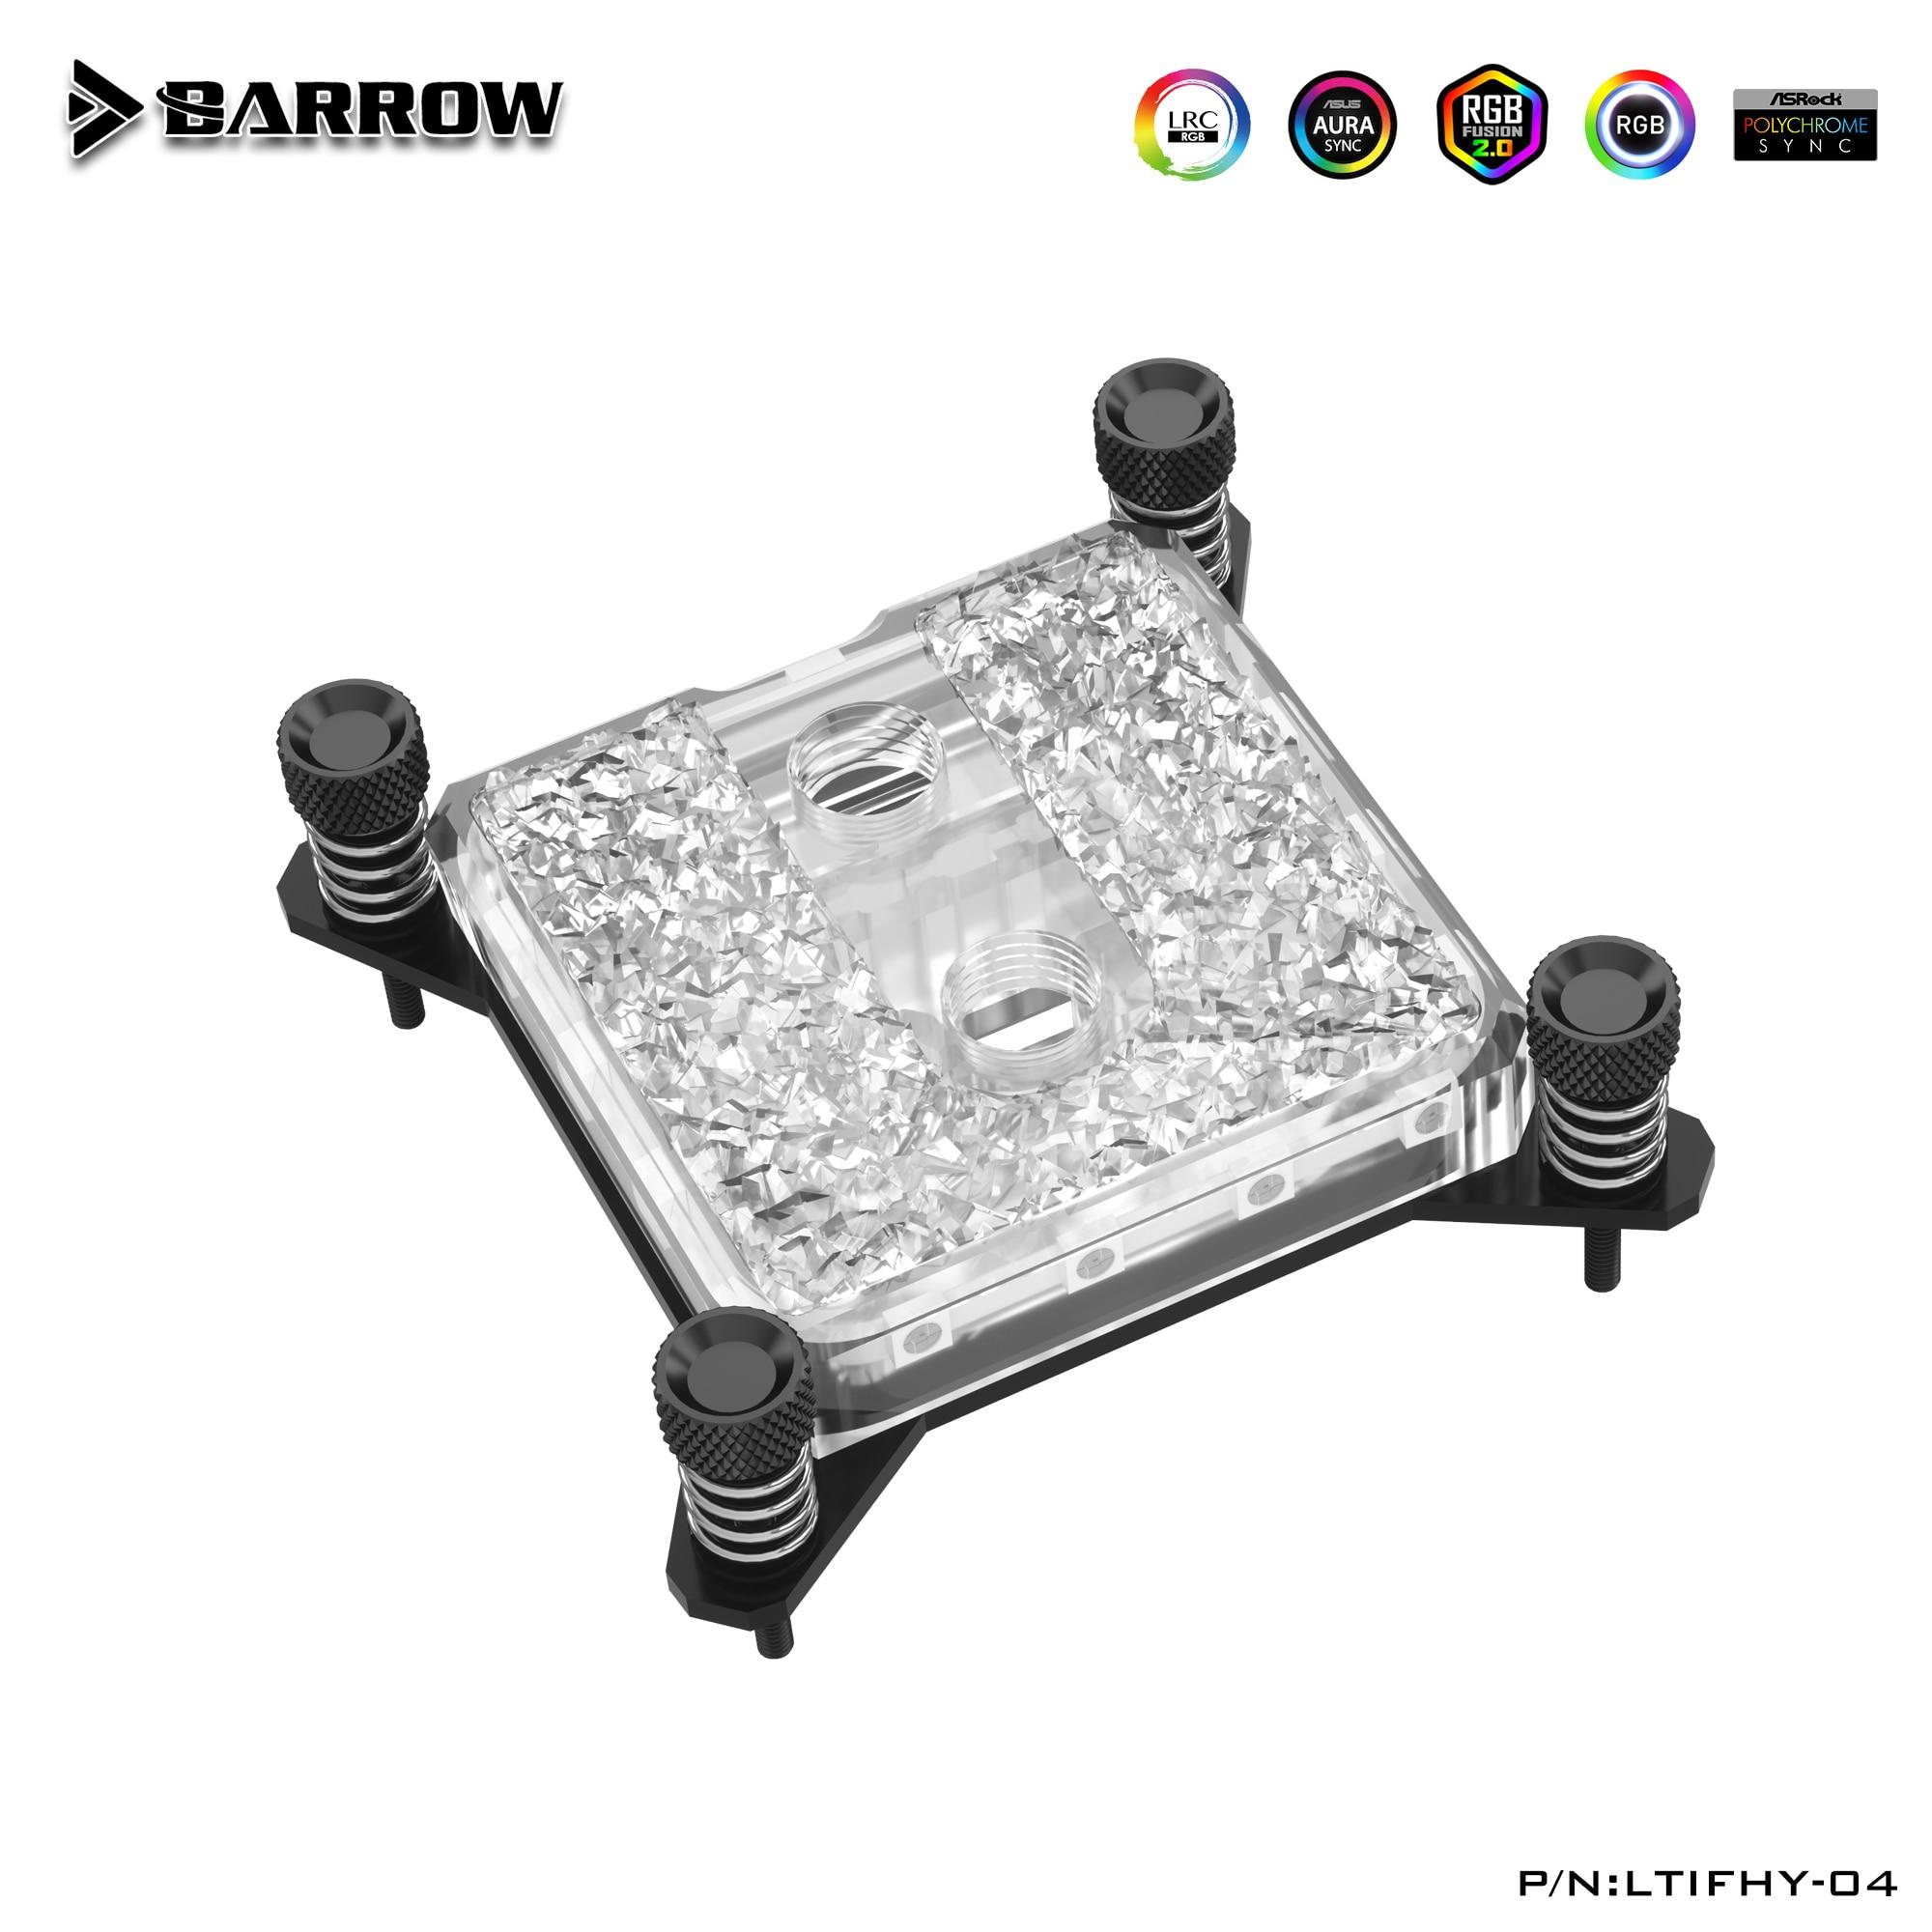 بارو إنتل وحدة المعالجة المركزية كتلة المياه استخدام ل إنتل المقبس LGA-115X(1150 1151 1155 1156 ) LTIFH-04 الاكريليك/كامل النحاس/A-RGB 3PIN 5 فولت